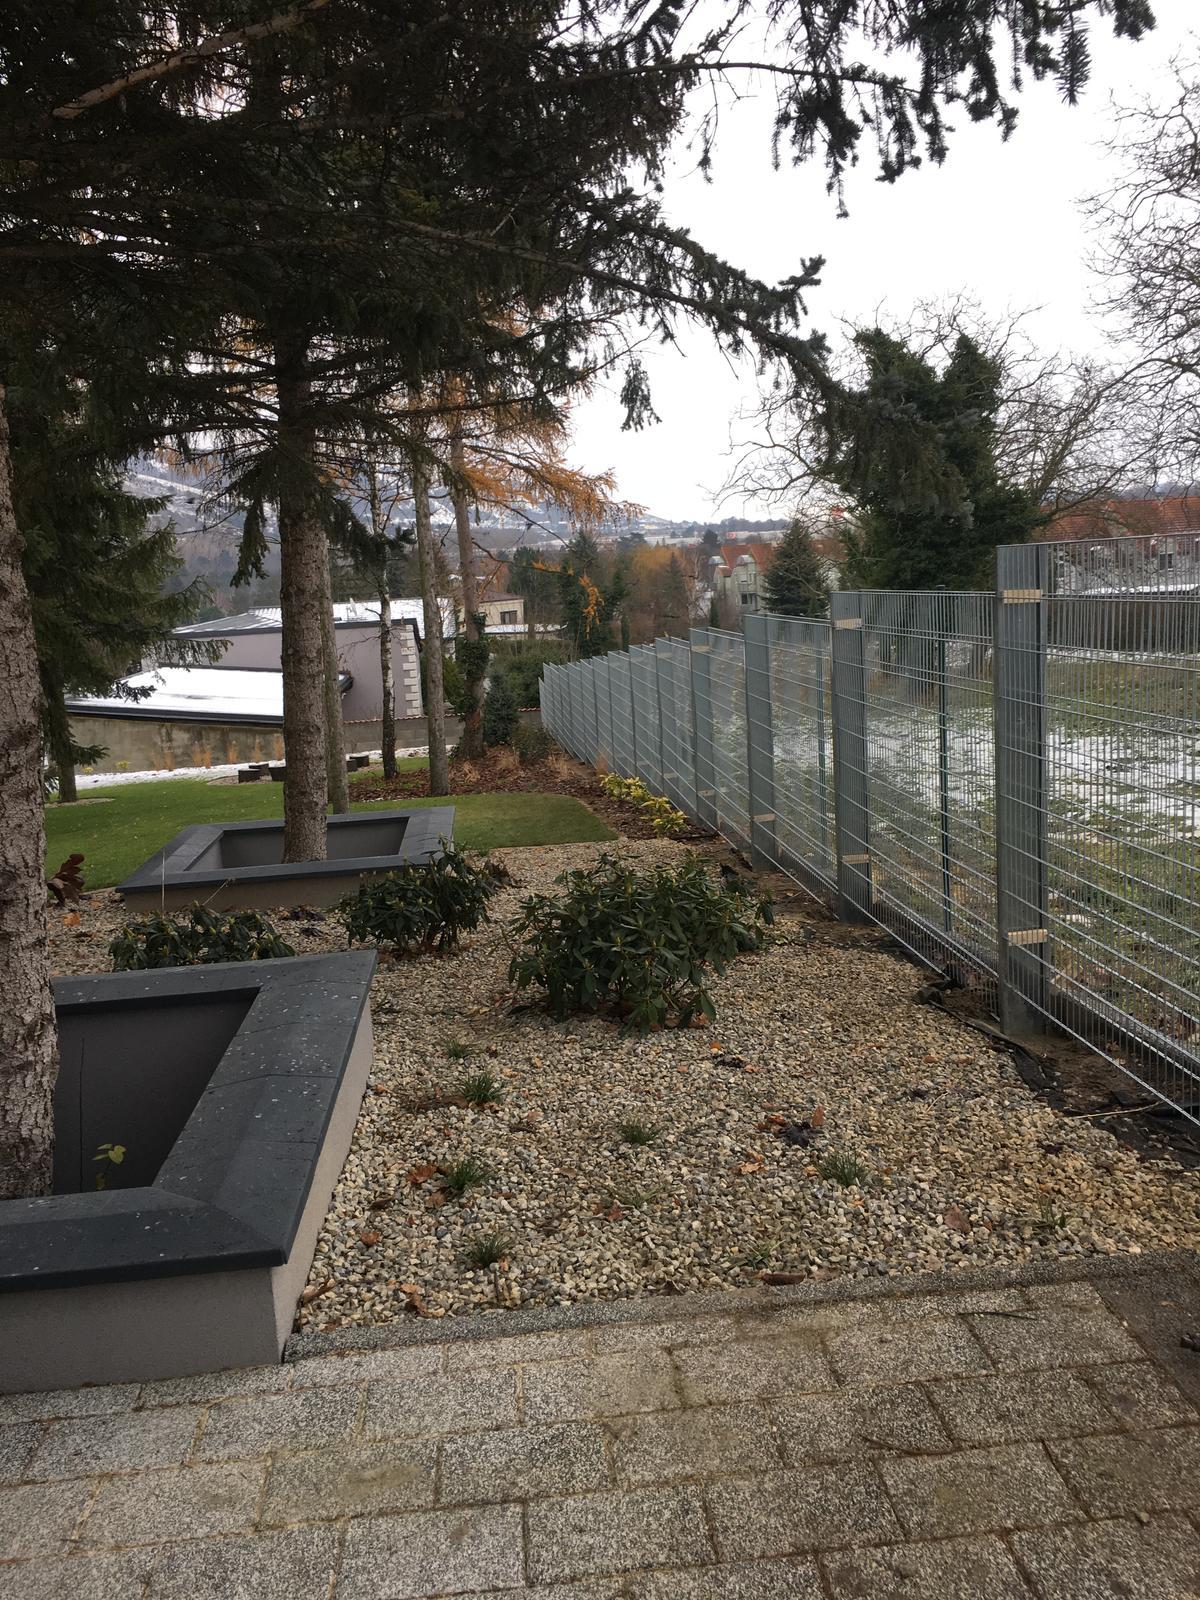 @lusia84 Ahoj, tak konecne mame postaveny plot, ale kamen sa bude sypat az buduci rok - potom dam vediet - Obrázok č. 1